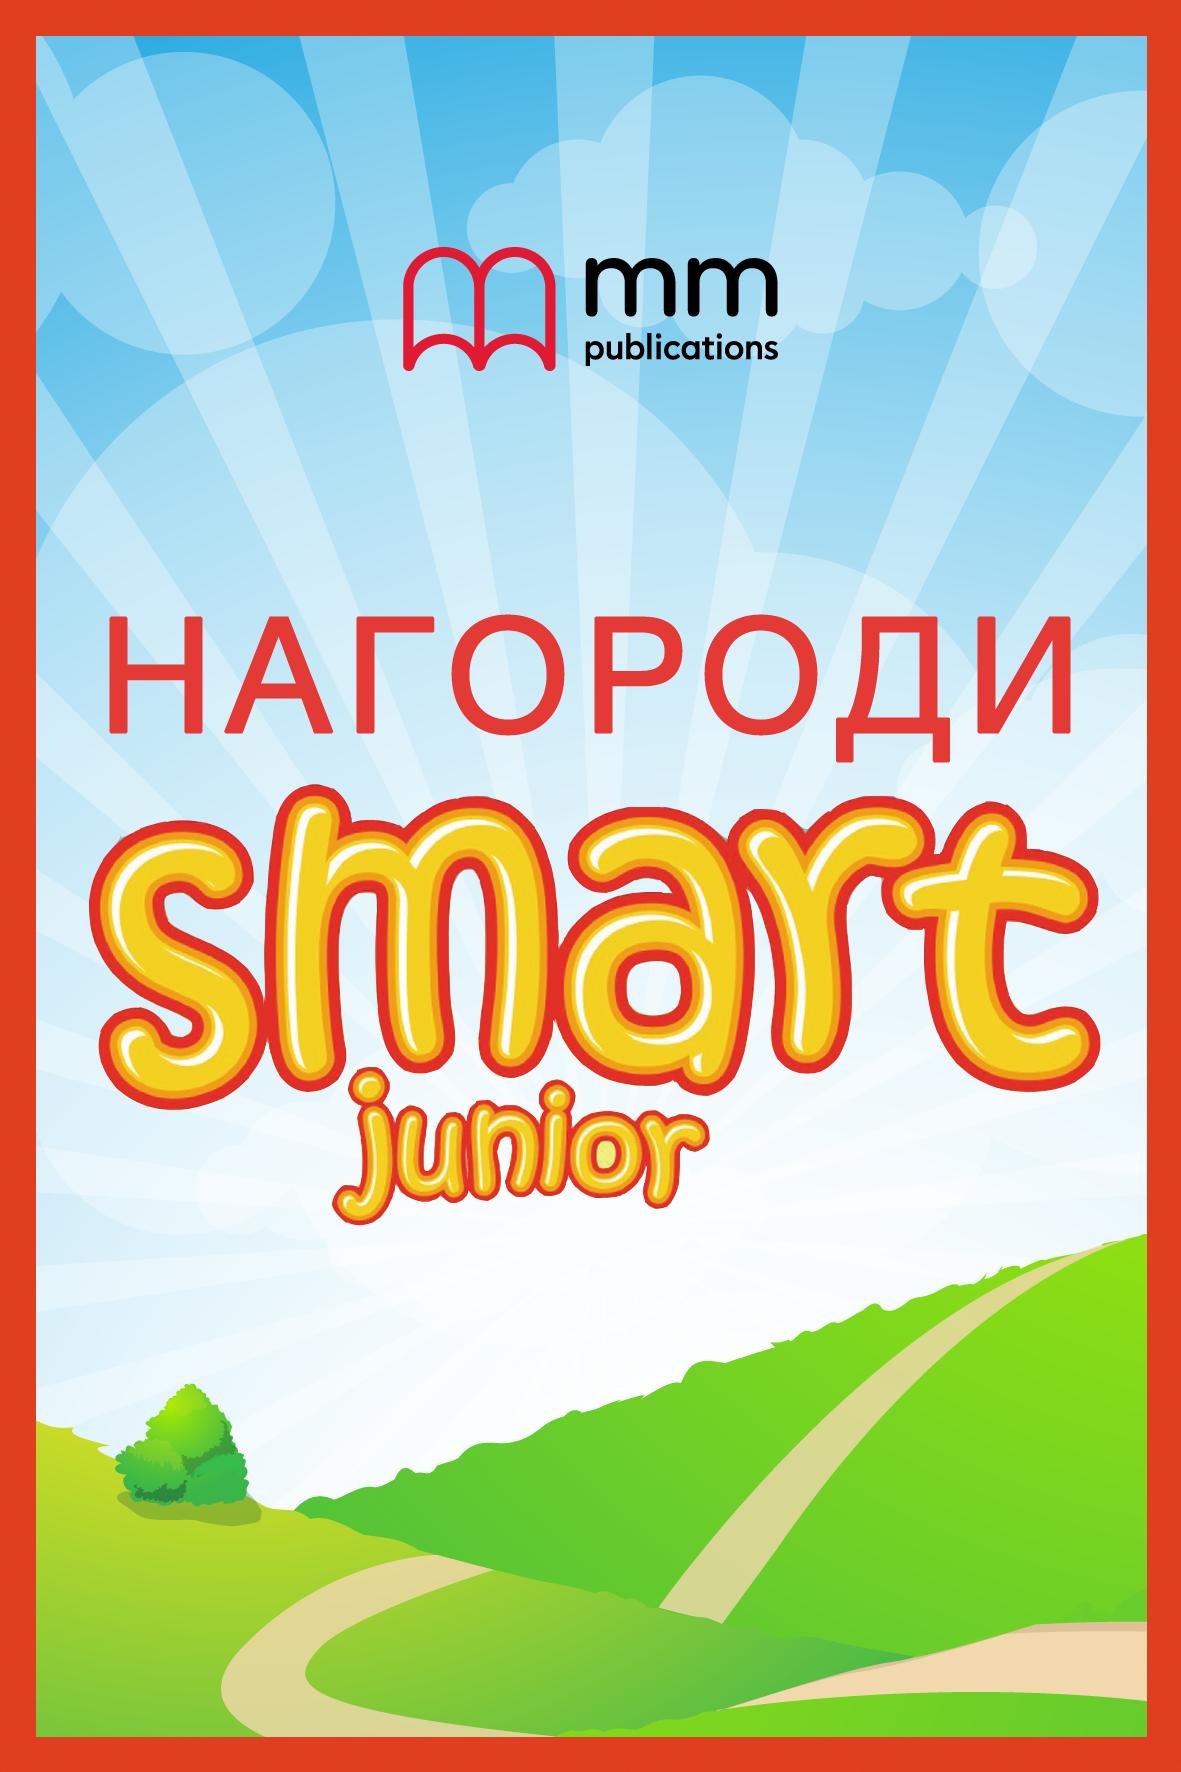 Фото - Нагороди Smart Junior